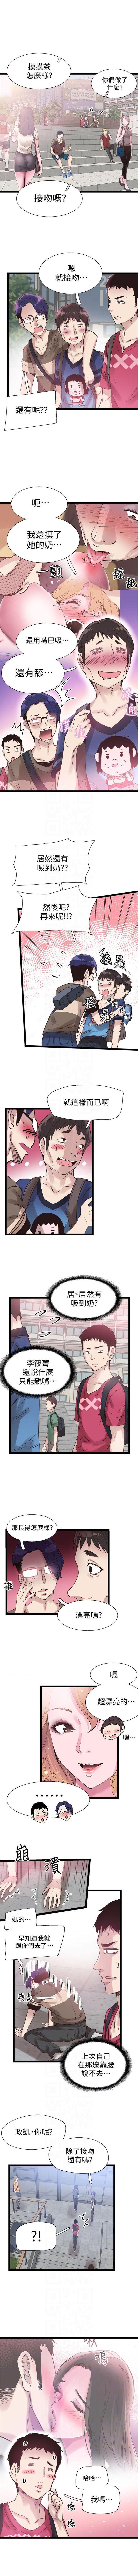 (週7)校園live秀 1-50 中文翻譯(更新中) 69